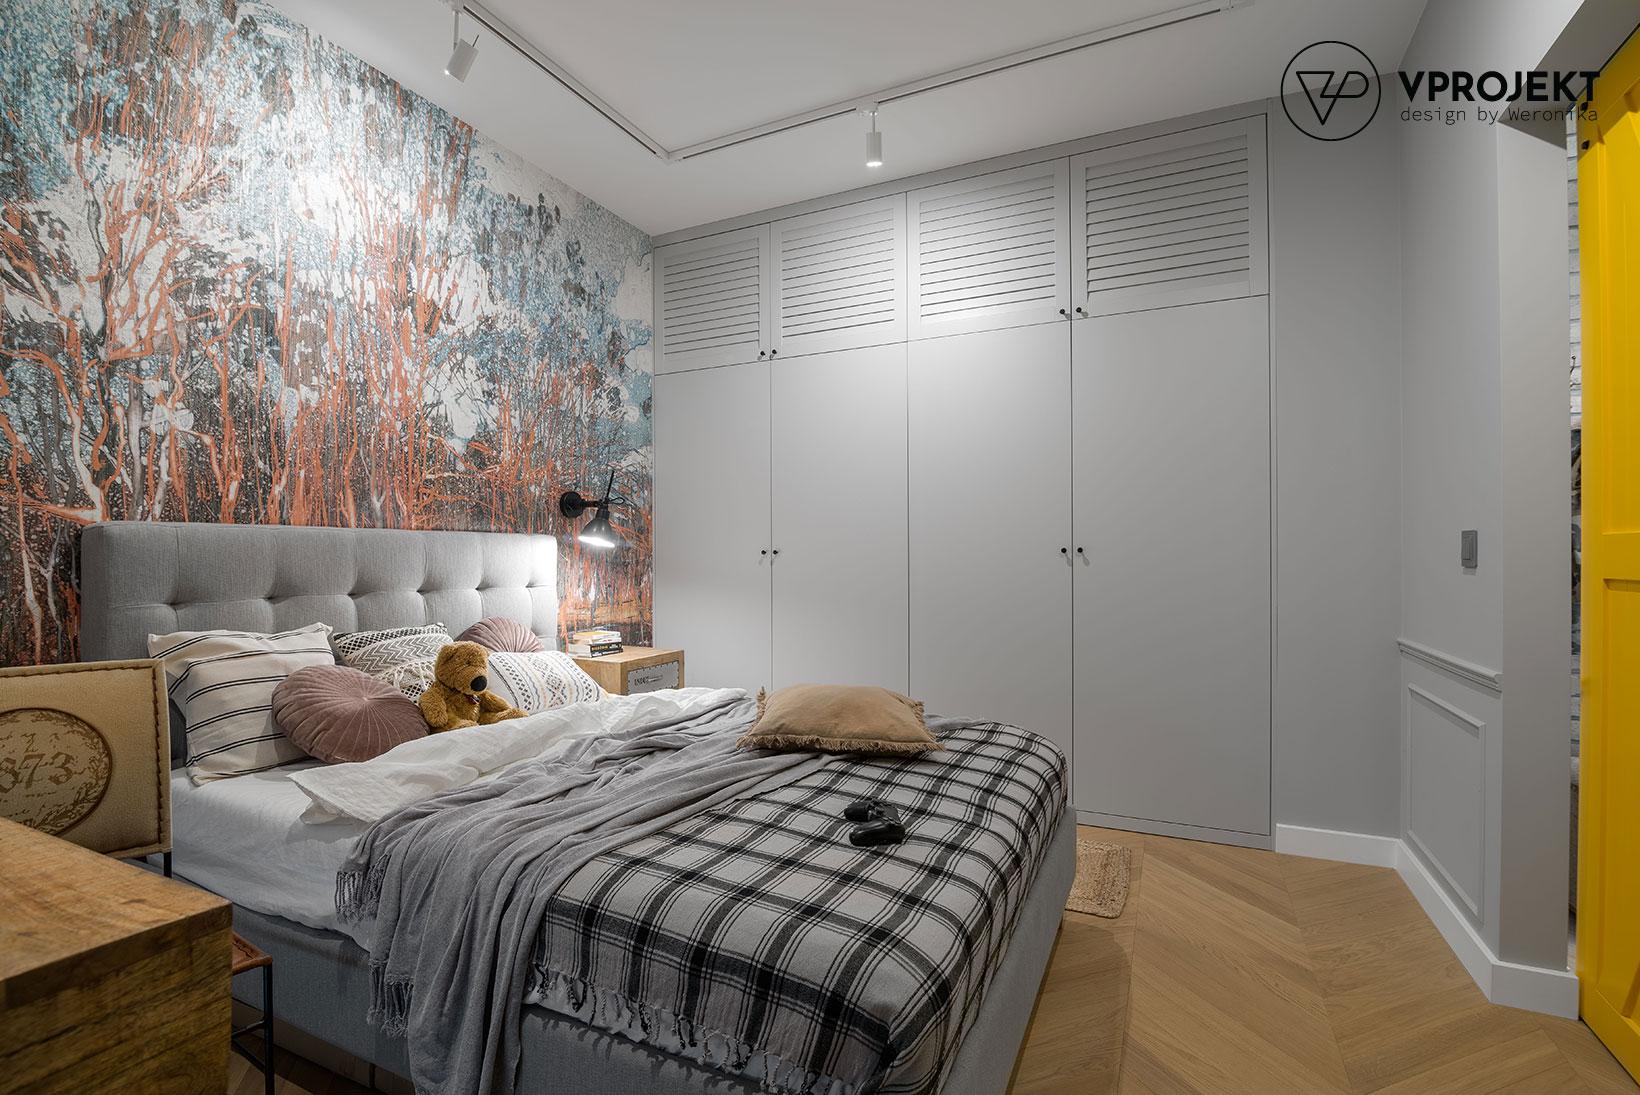 Sypialnia z biurkiem i zabudowaną szafą